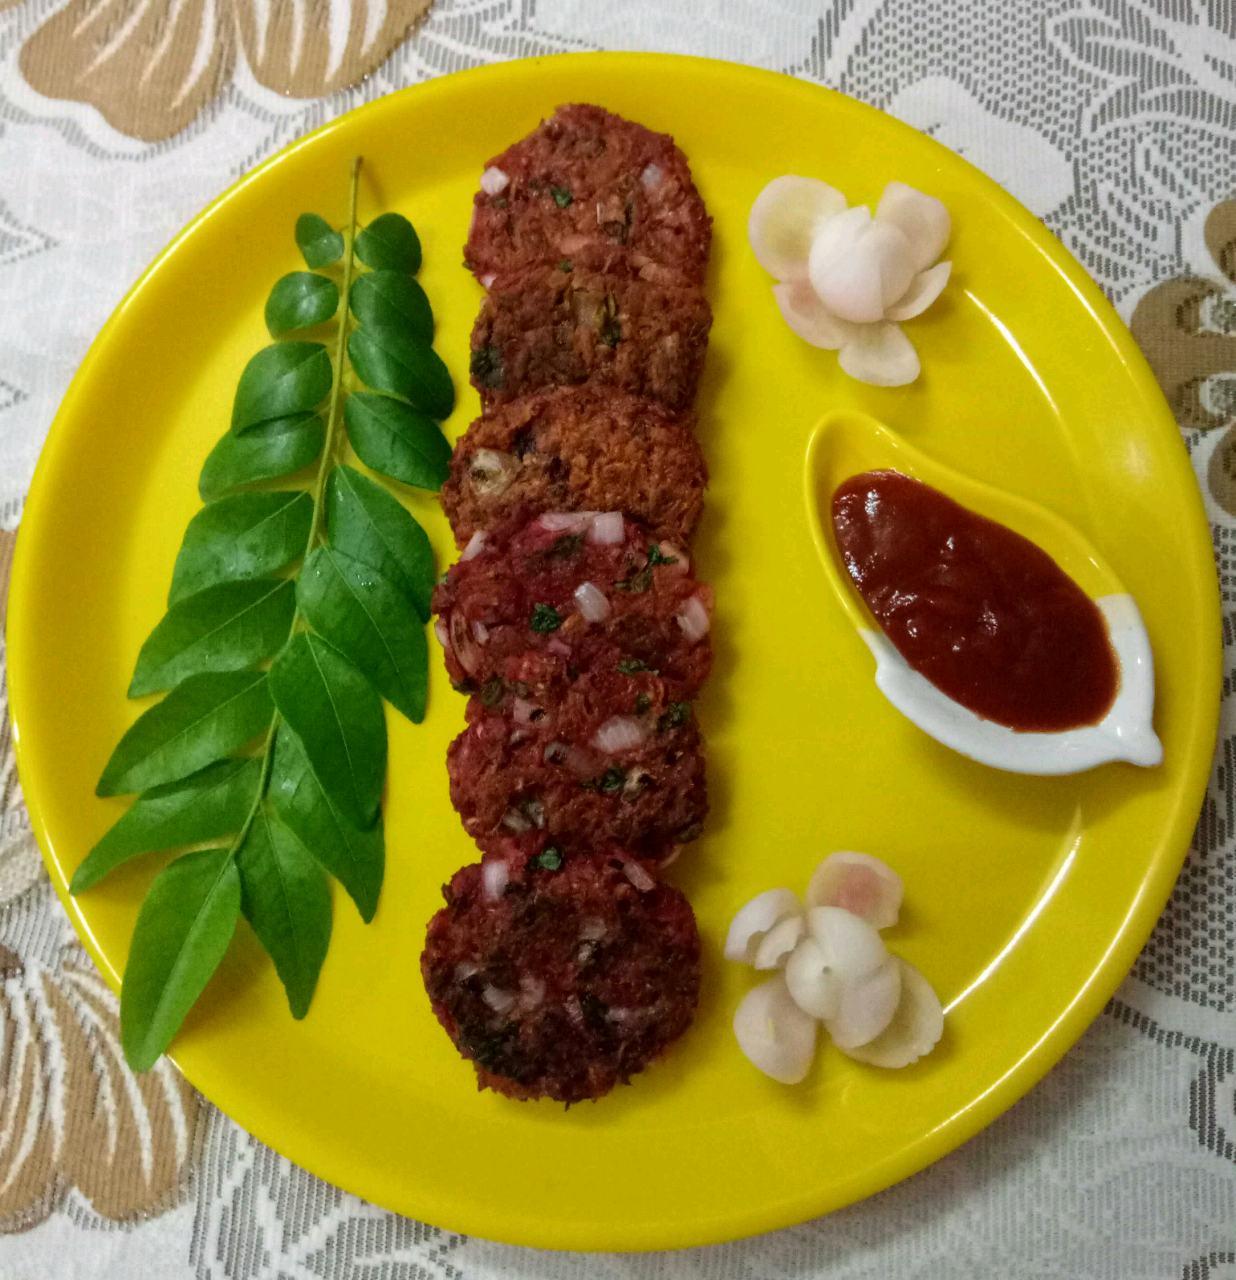 Carrots & Beetroot Oats Kebab